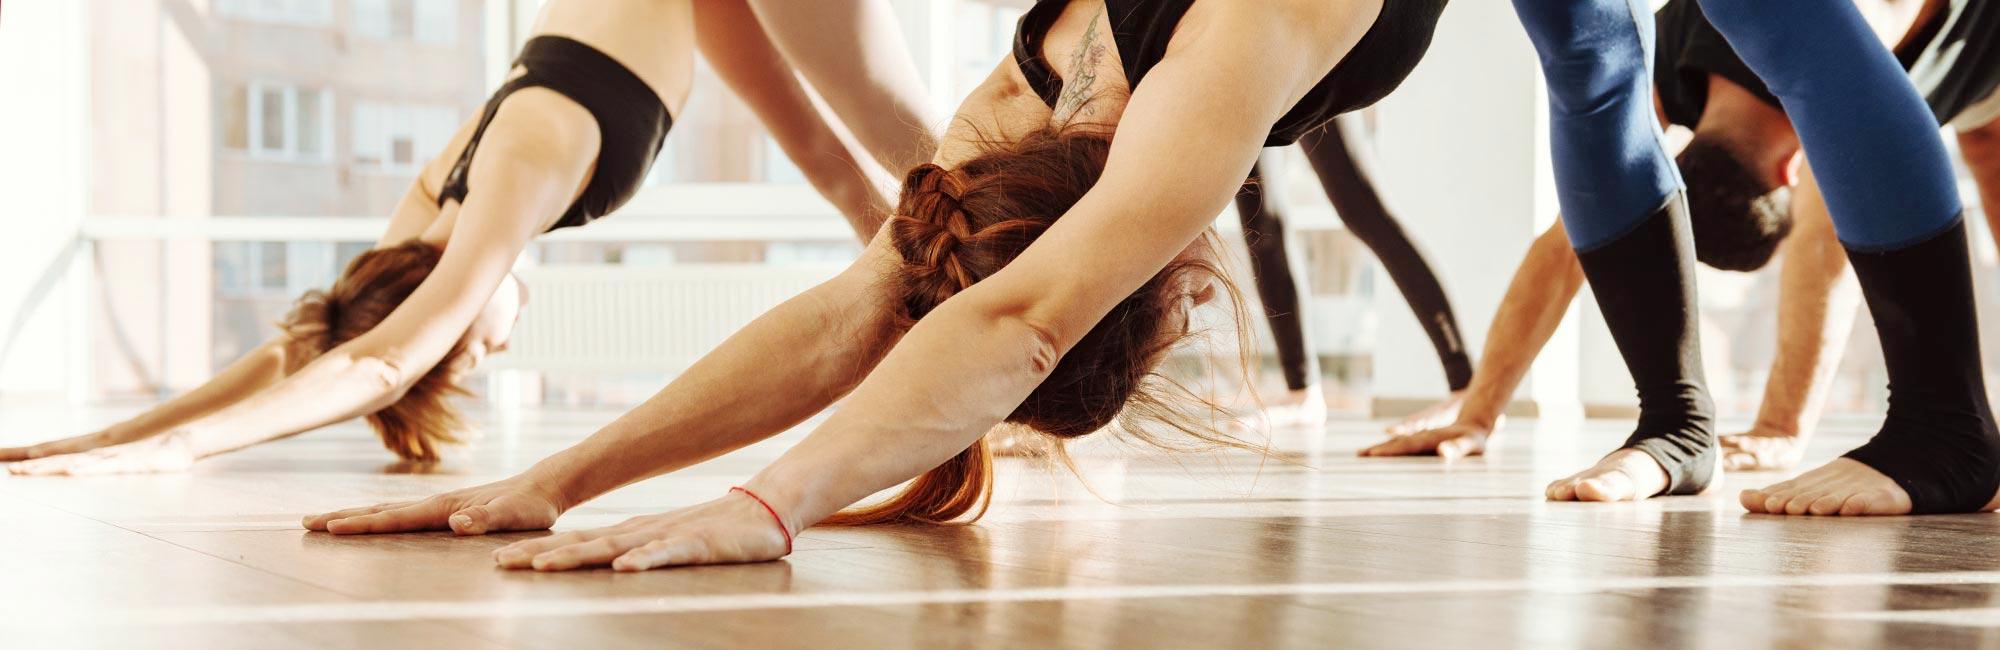 El nou racó per gaudir del ioga a Sant Cugat FOTO: Cedida